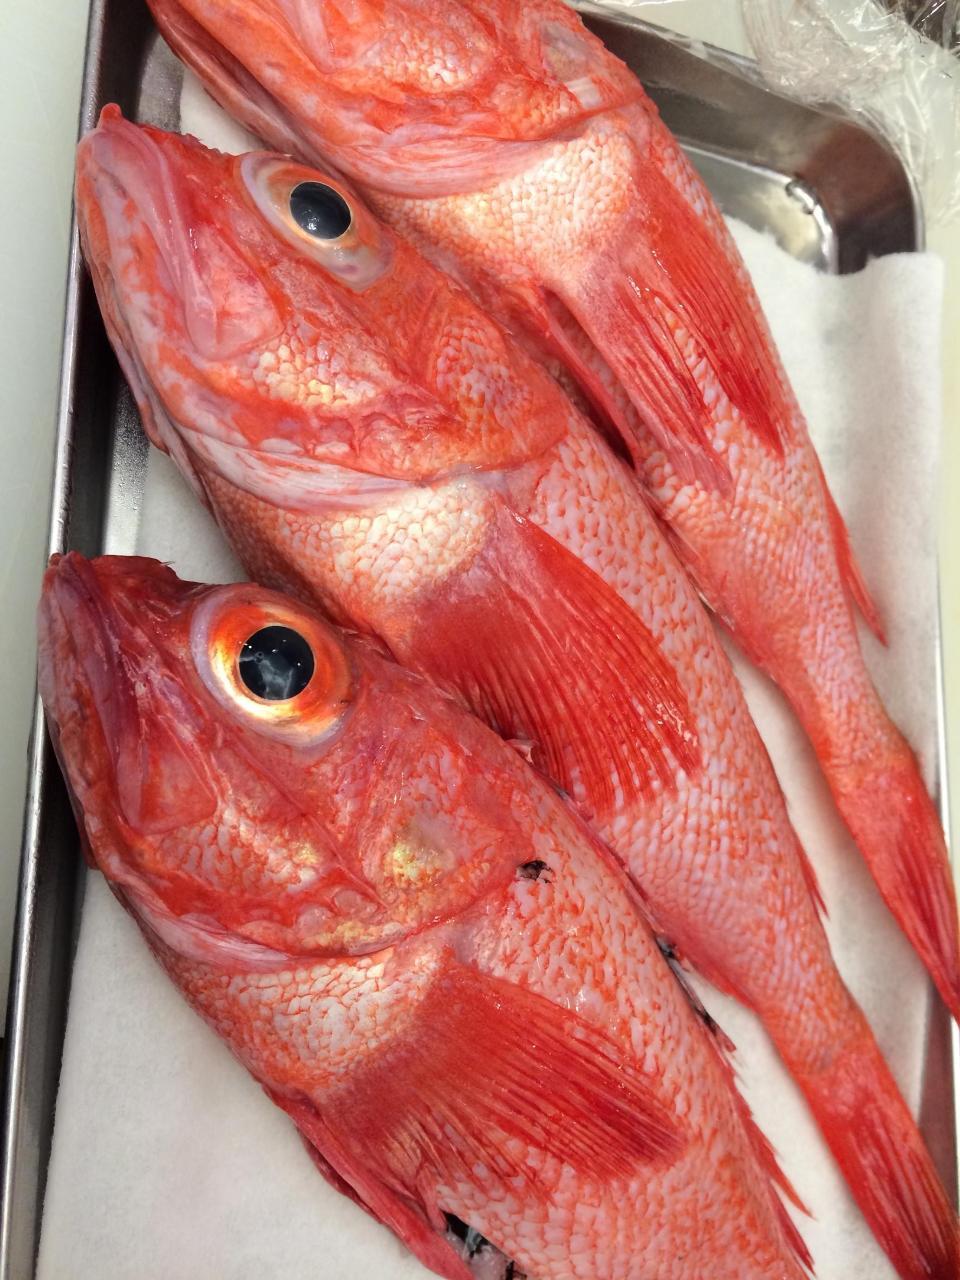 毎日オーナーの目利きで仕入れる鮮魚